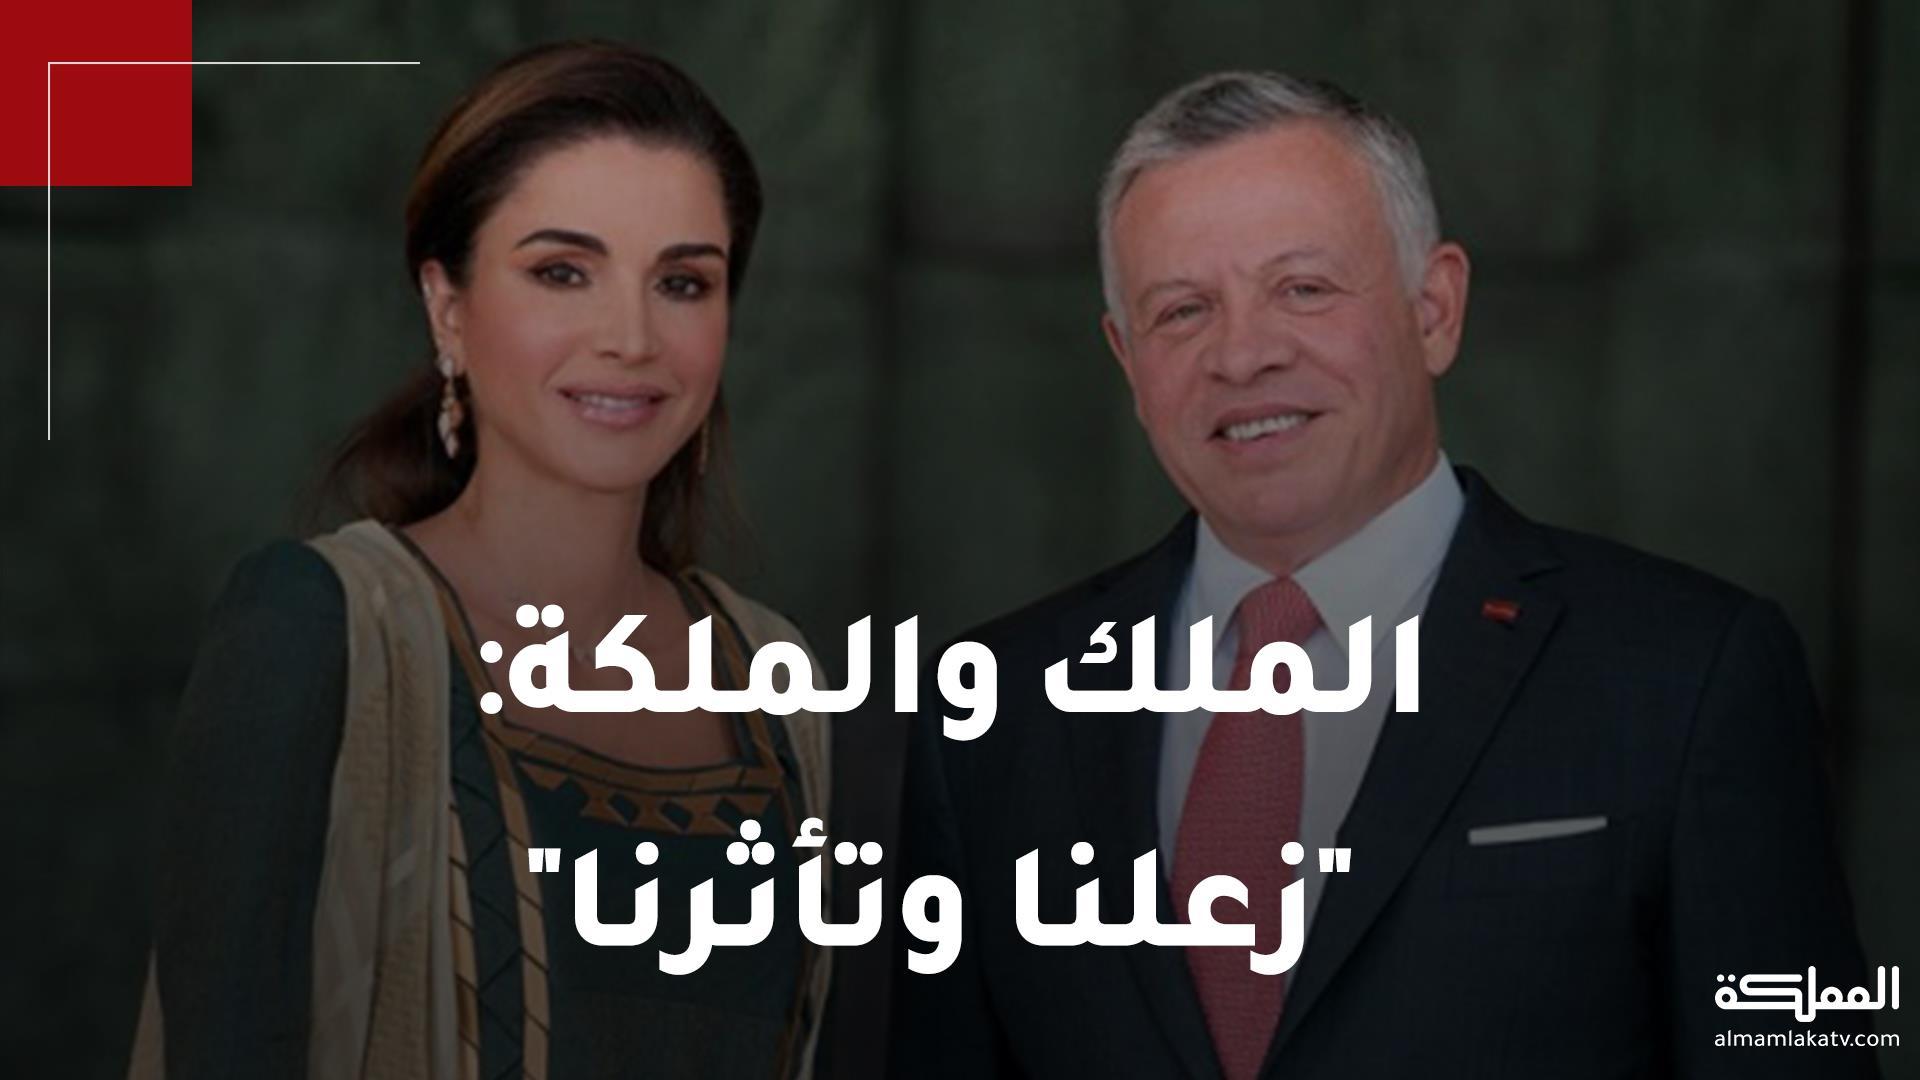 الملك والملكة يطمئنان على سلامة أردنيين في فرنسا